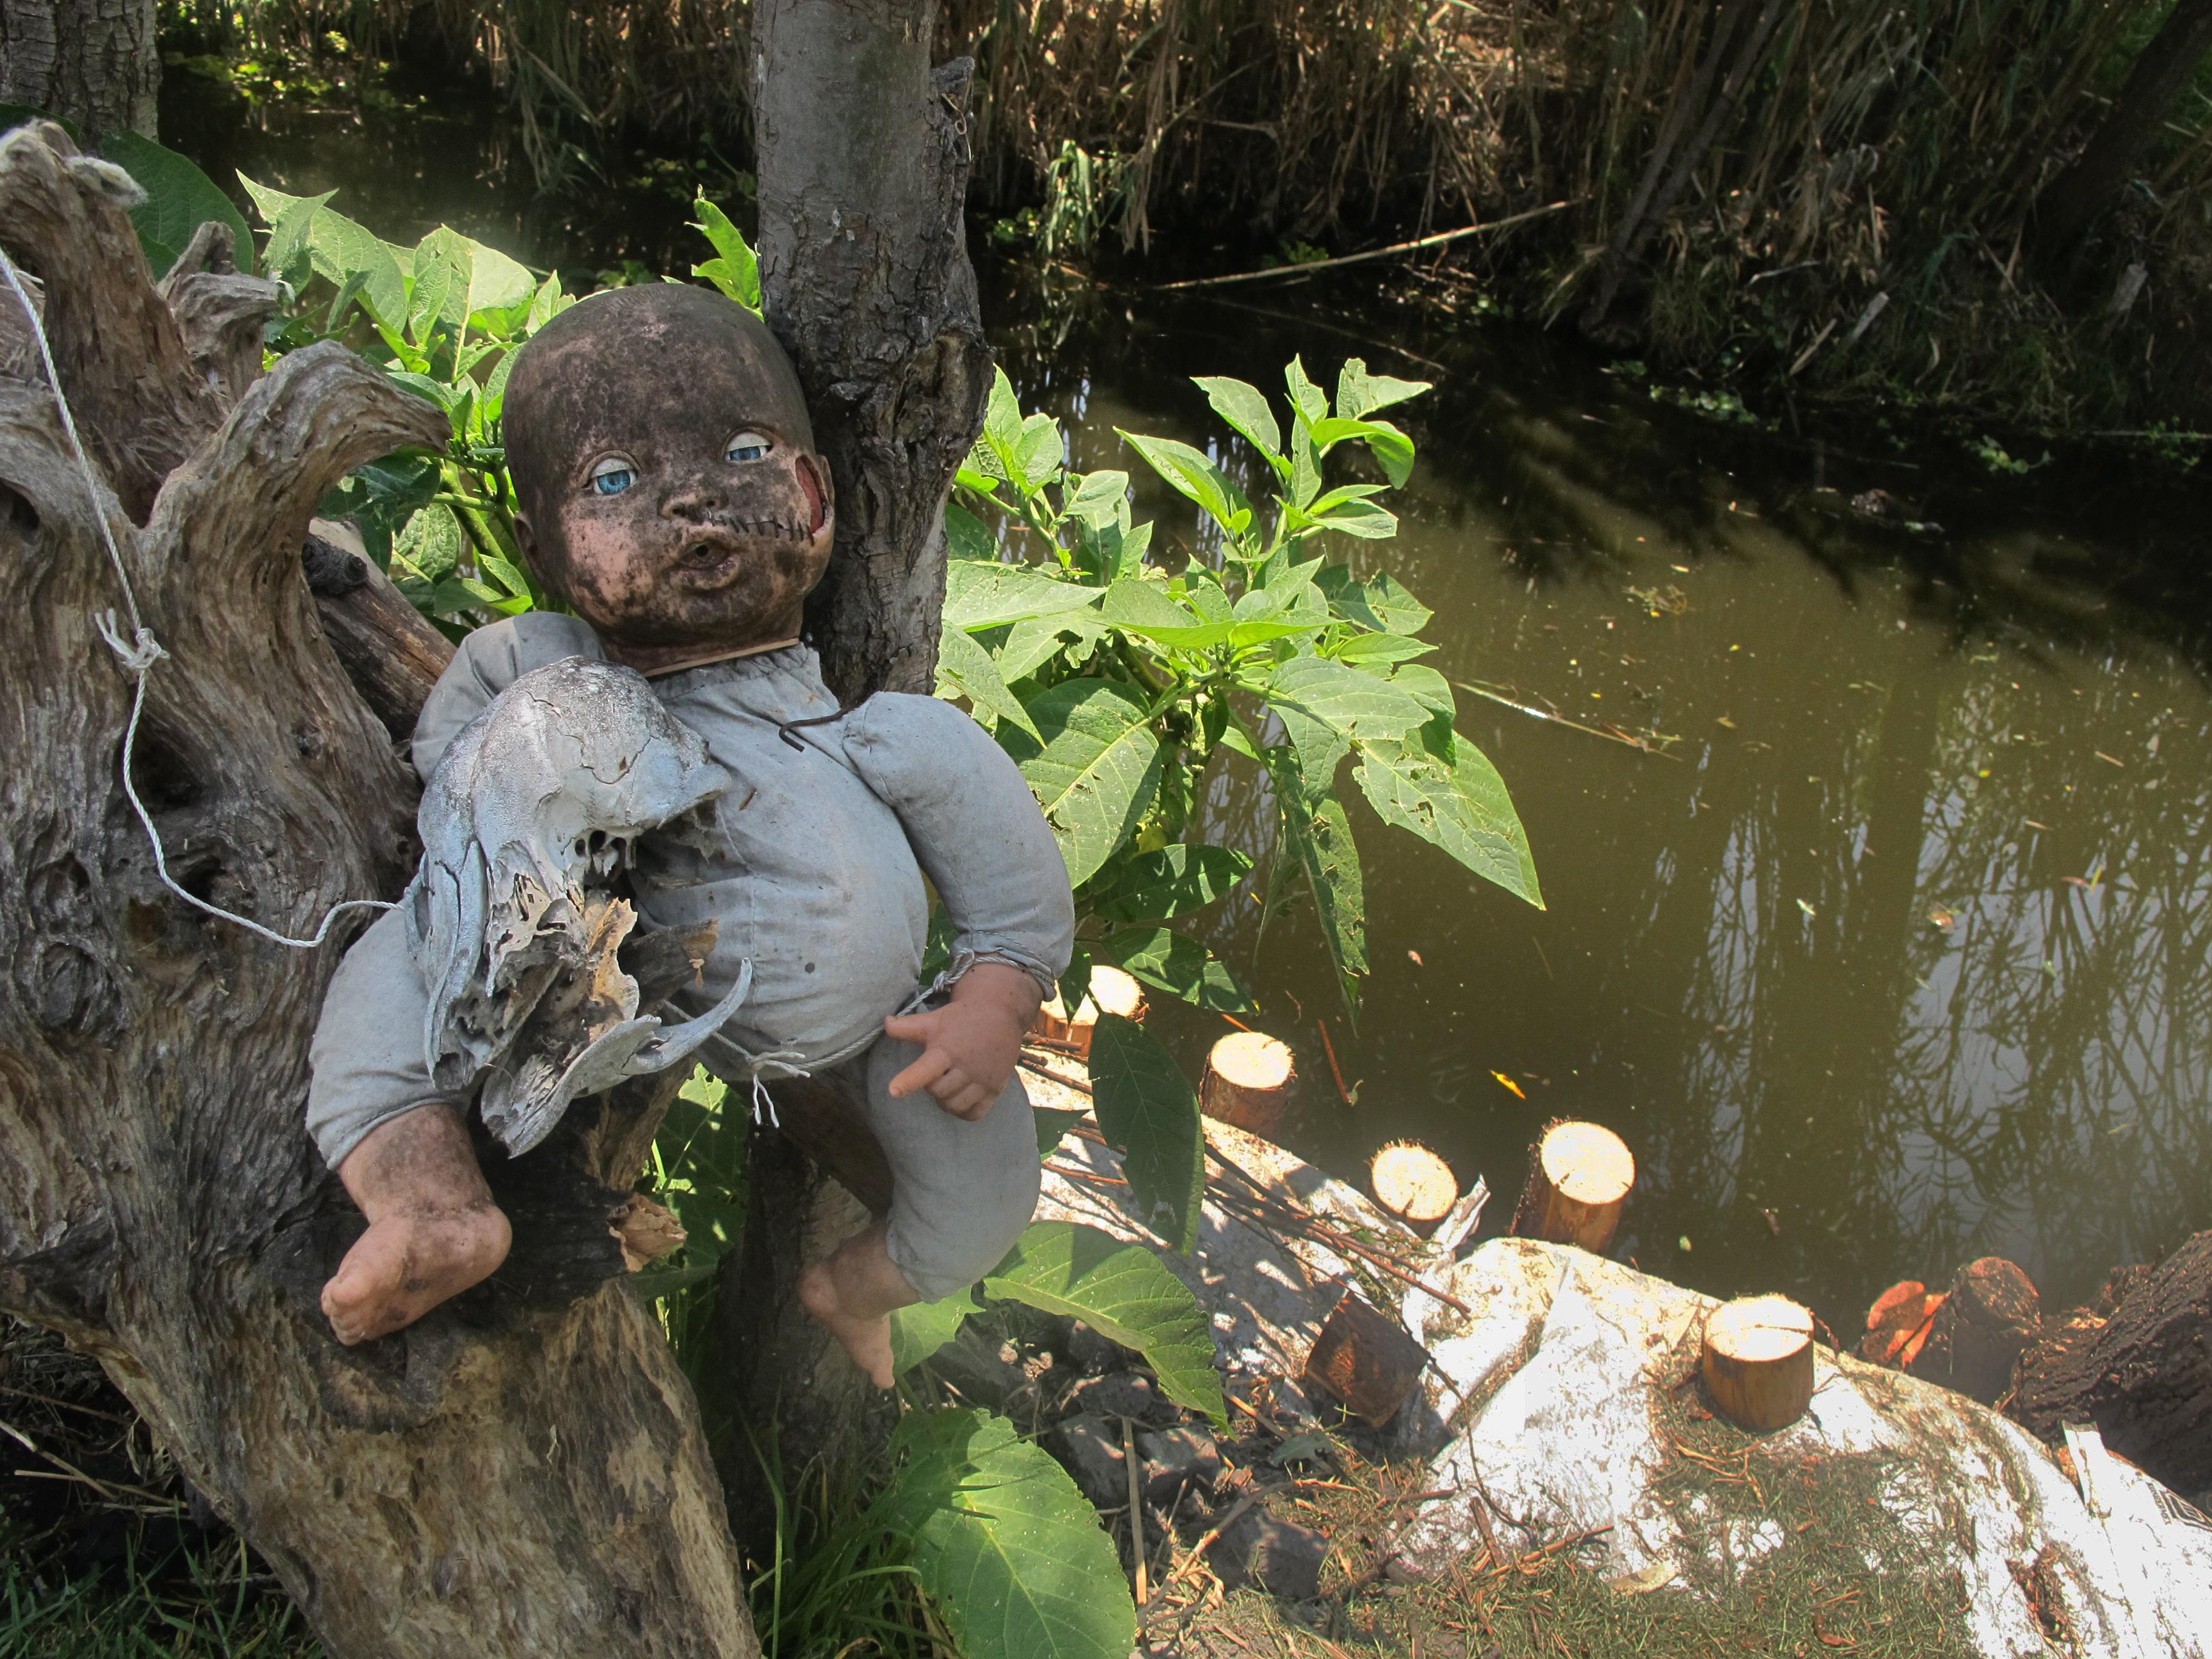 <p><br /> <strong>&bdquo;Островът на куклите&rdquo; в Мексико</strong></p>  <p>Това място е обитавано от духа на младо момиче, което се е удавило там. И сякаш горите не са достатъчно страшни, тази е изпълнена с кукли, които висят от дърветата. Местната легенда разказва, че пазачът на острова е окачил първата кукла в чест на малко момиченце, което е намерил удавено на острова (смятало се, че куклата е нейна).</p>